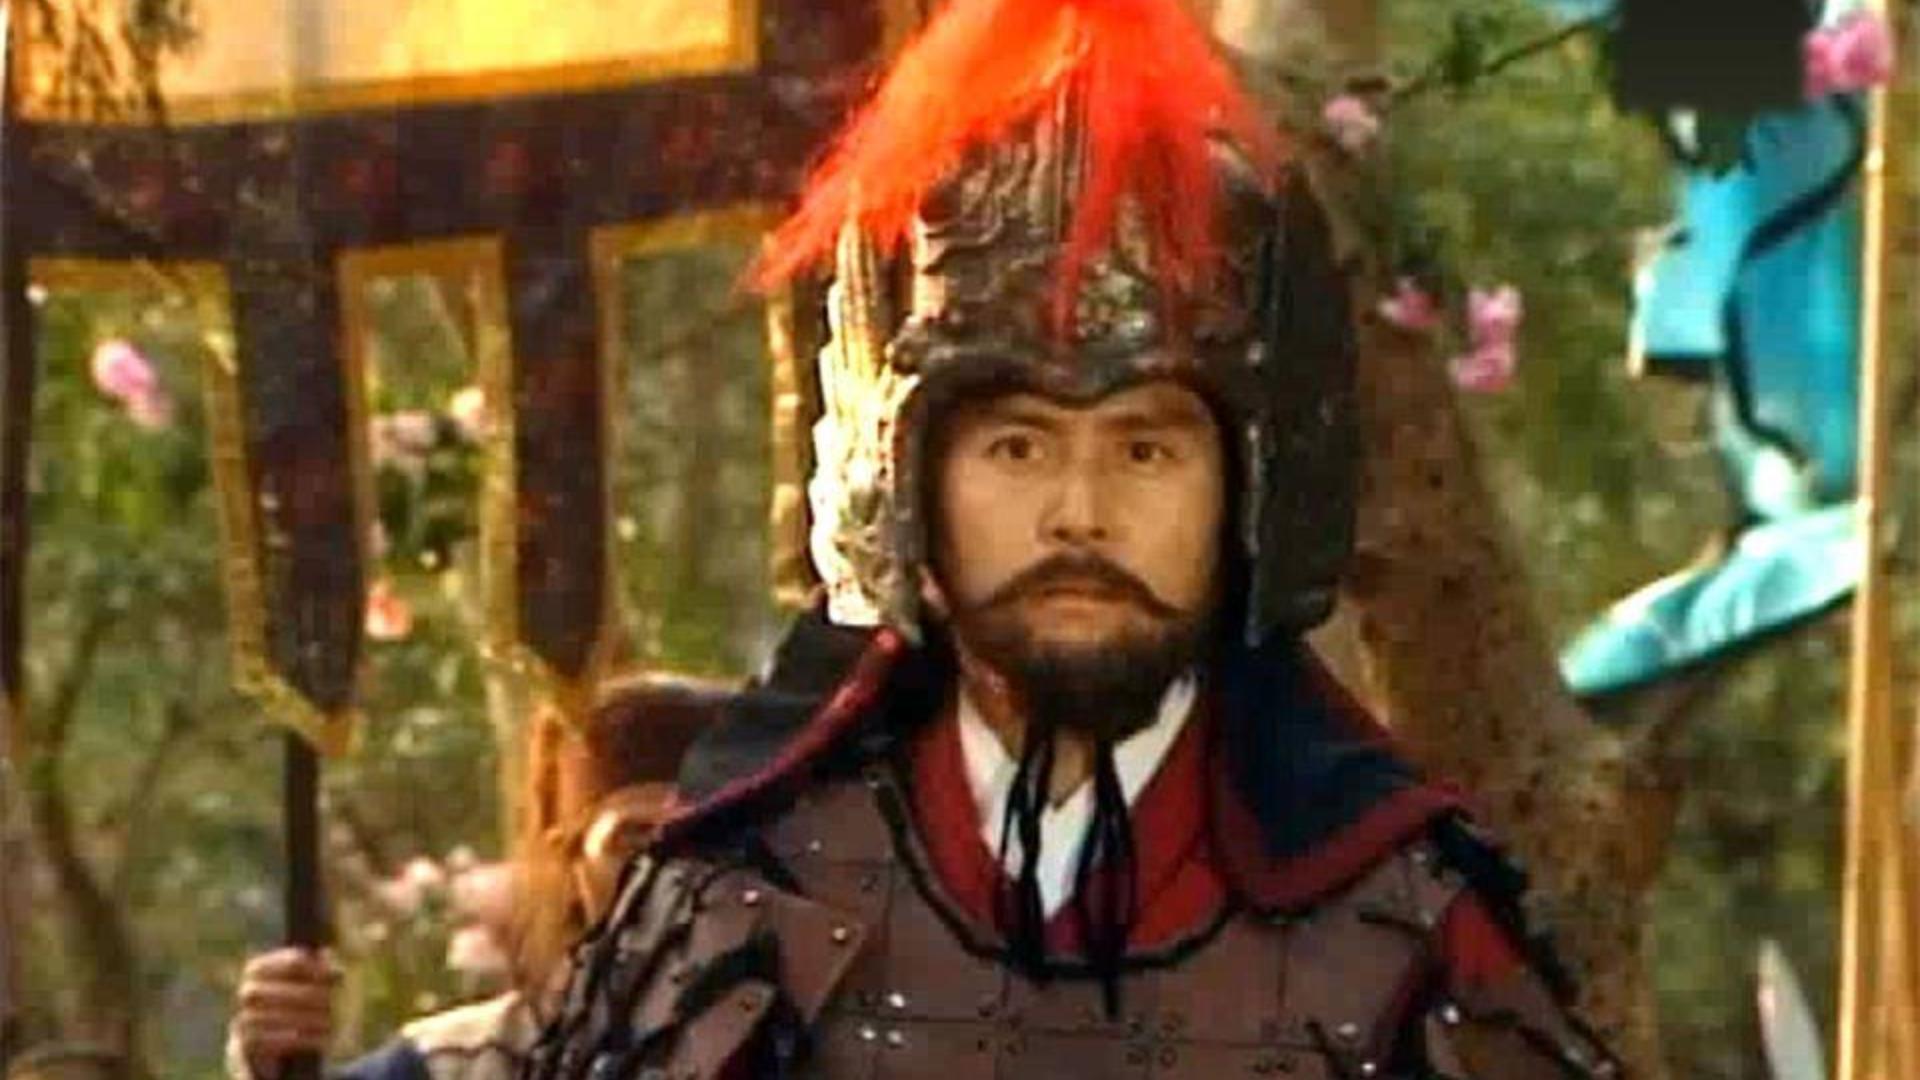 段誉六脉神剑斩杀一品堂武士,神秘大高手李延宗到底是谁呢?